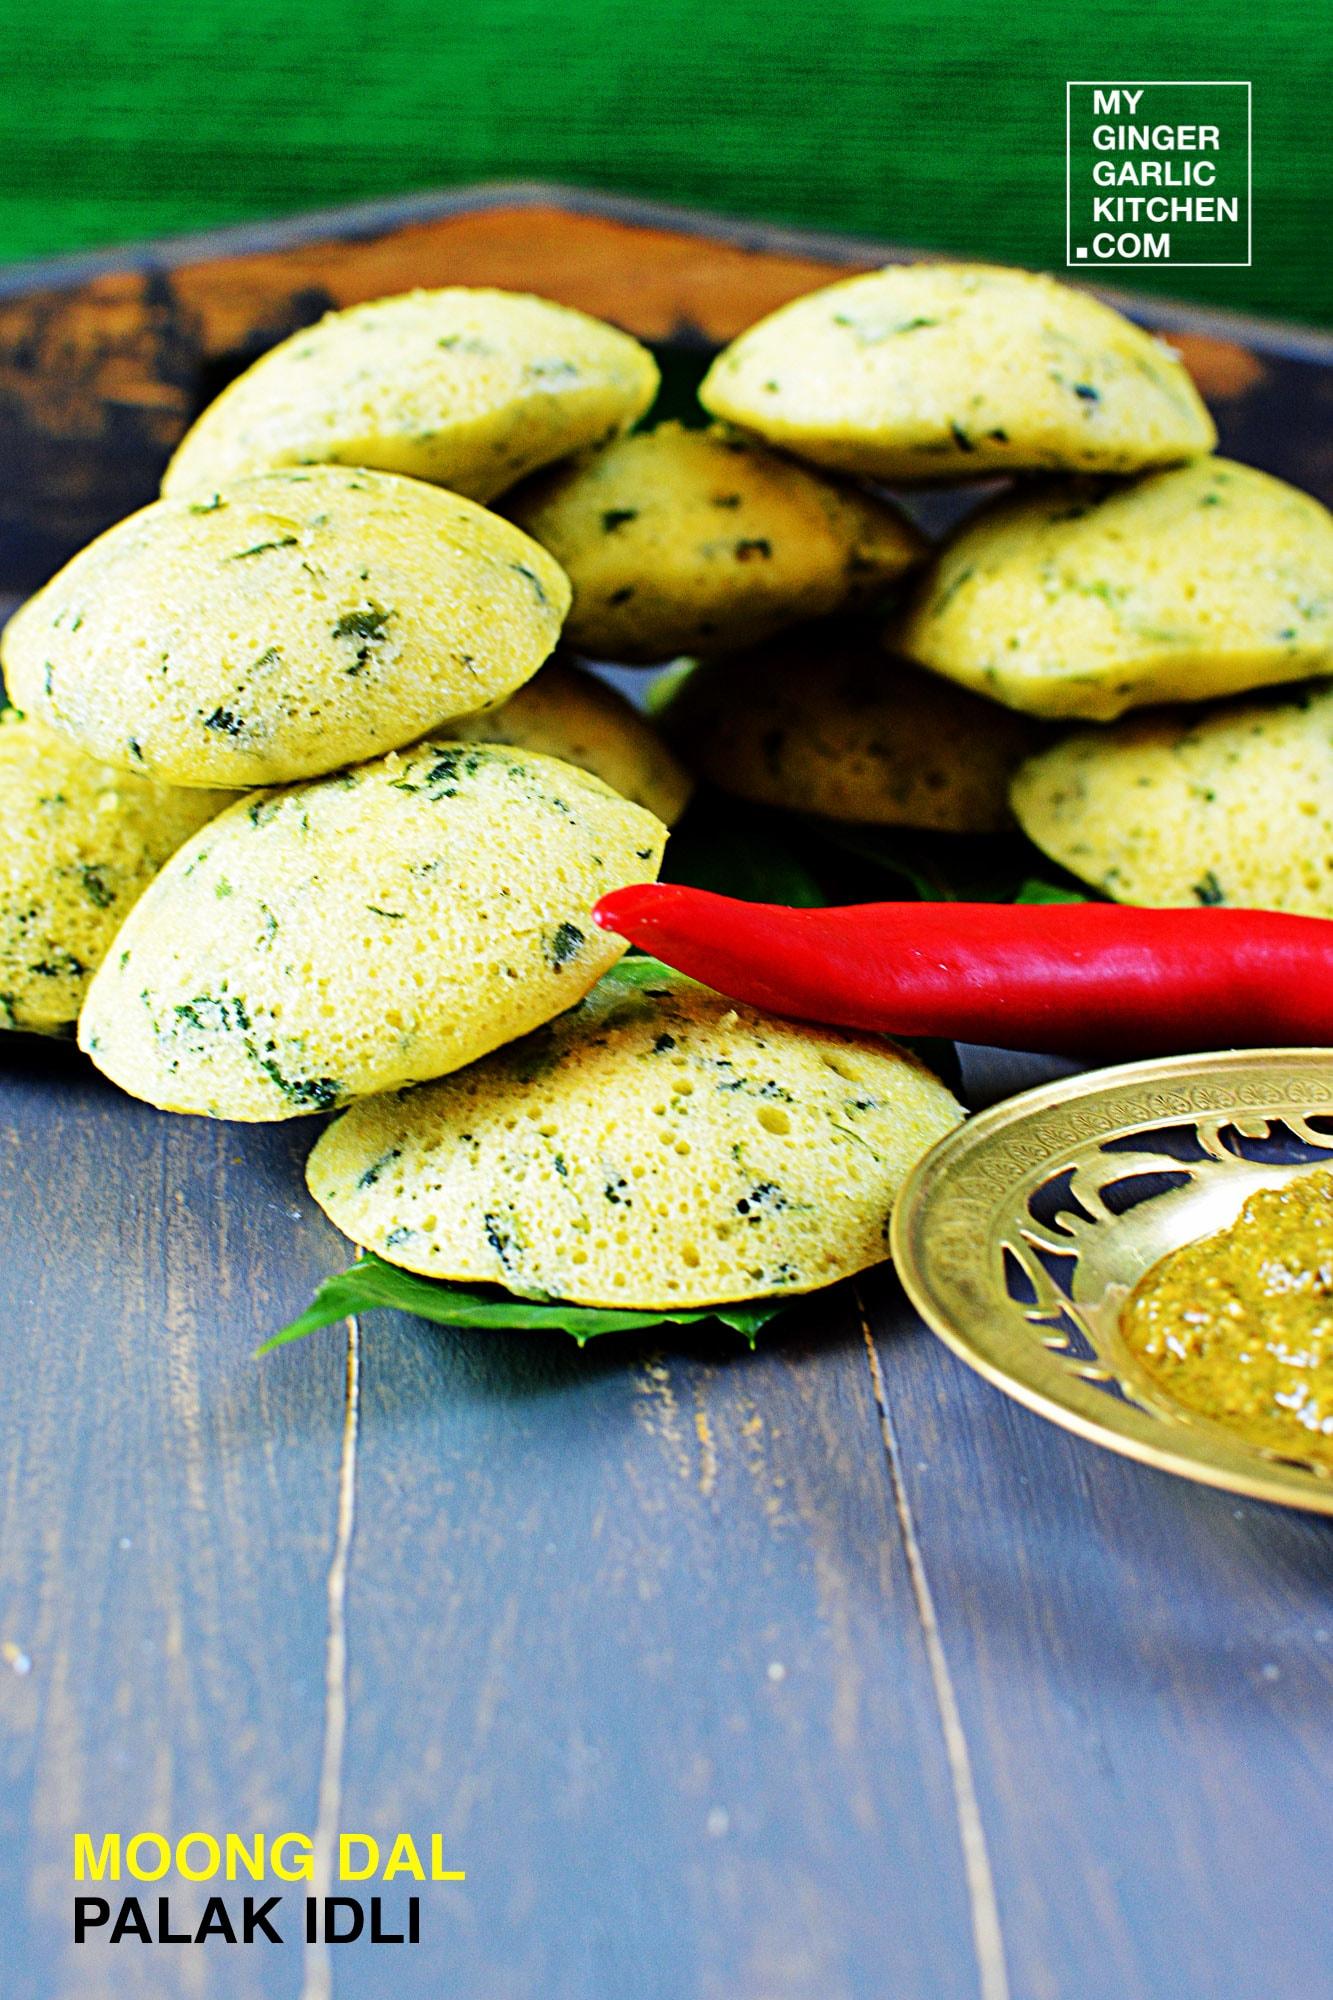 Image - recipe moong dal palak idli anupama paliwal my ginger garlic kitchen 2